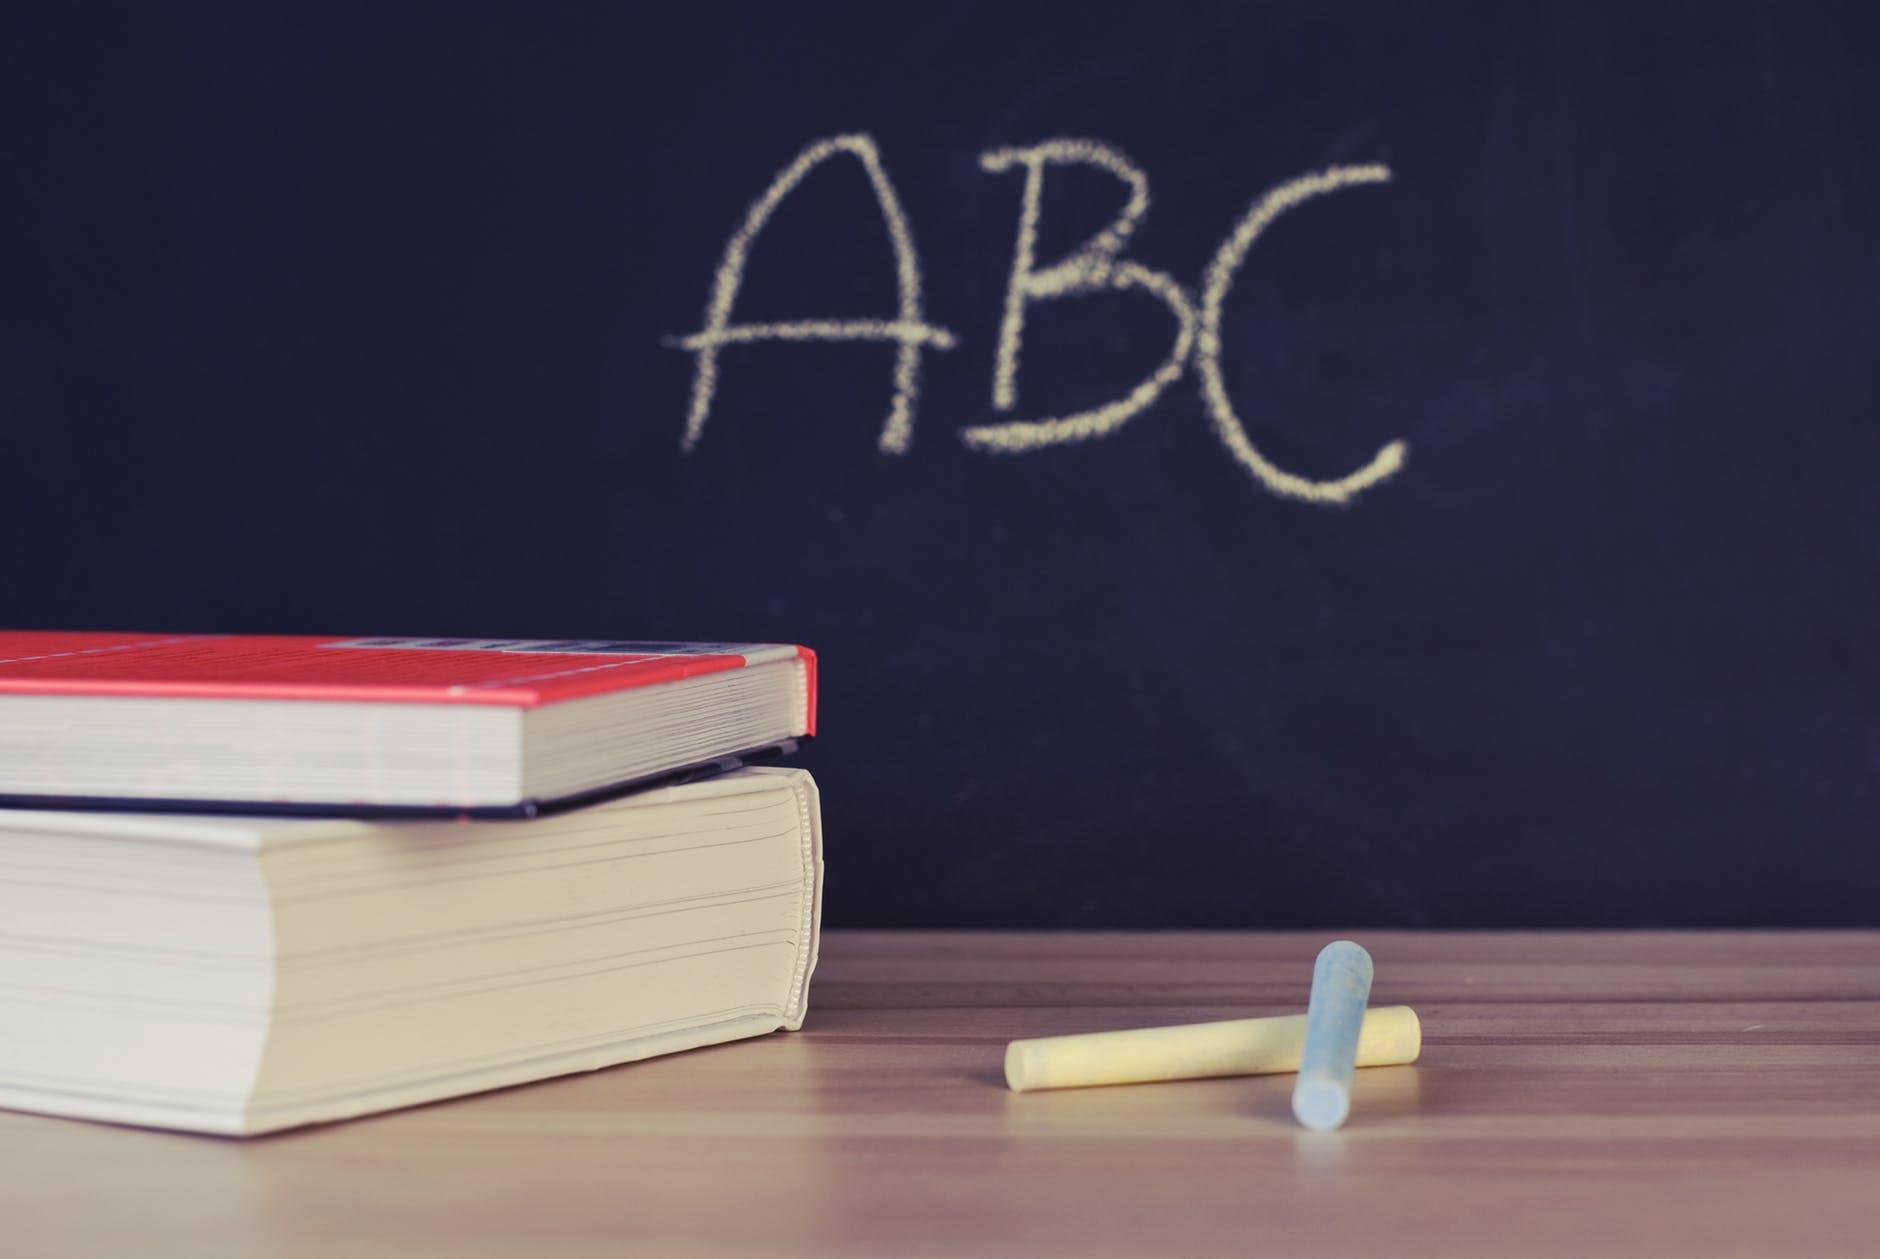 Competências na escola: o tempo em disputa - Blog Primeira Escolha